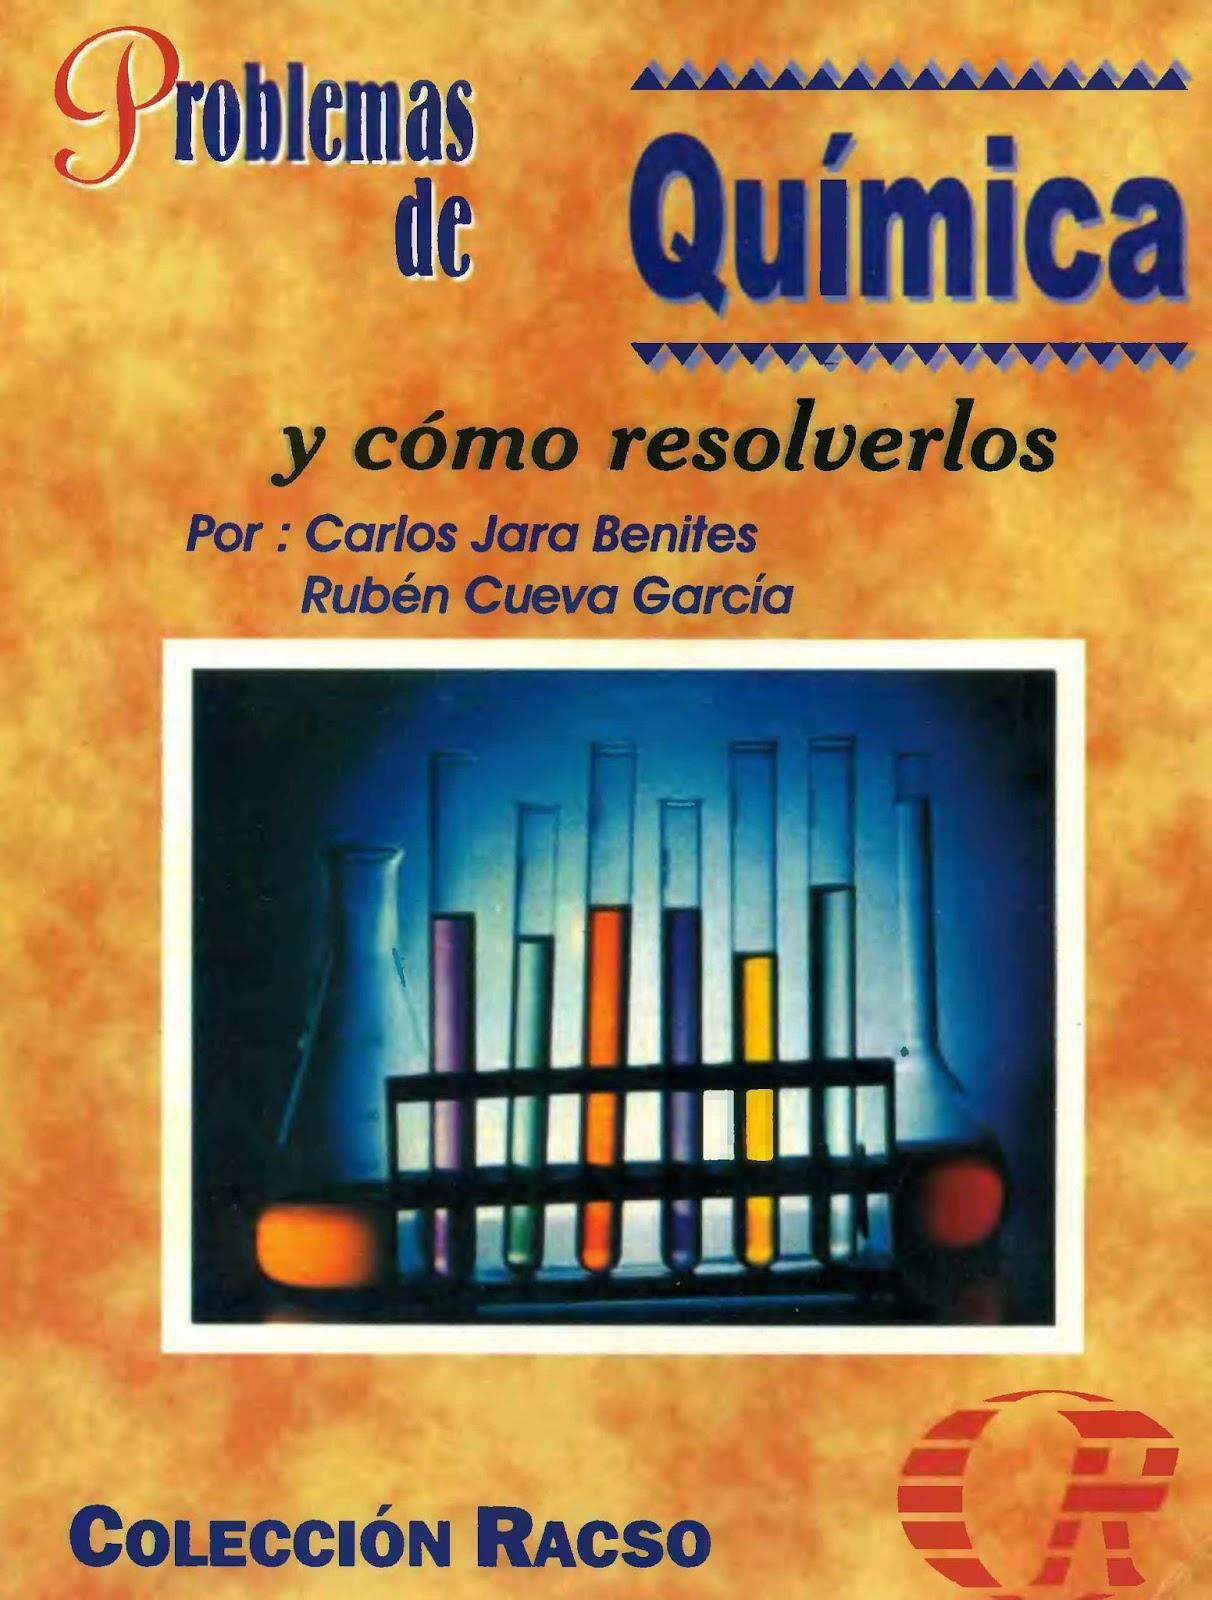 Coleccion racso libros preuniversitarios en pdf for Libros de botanica pdf